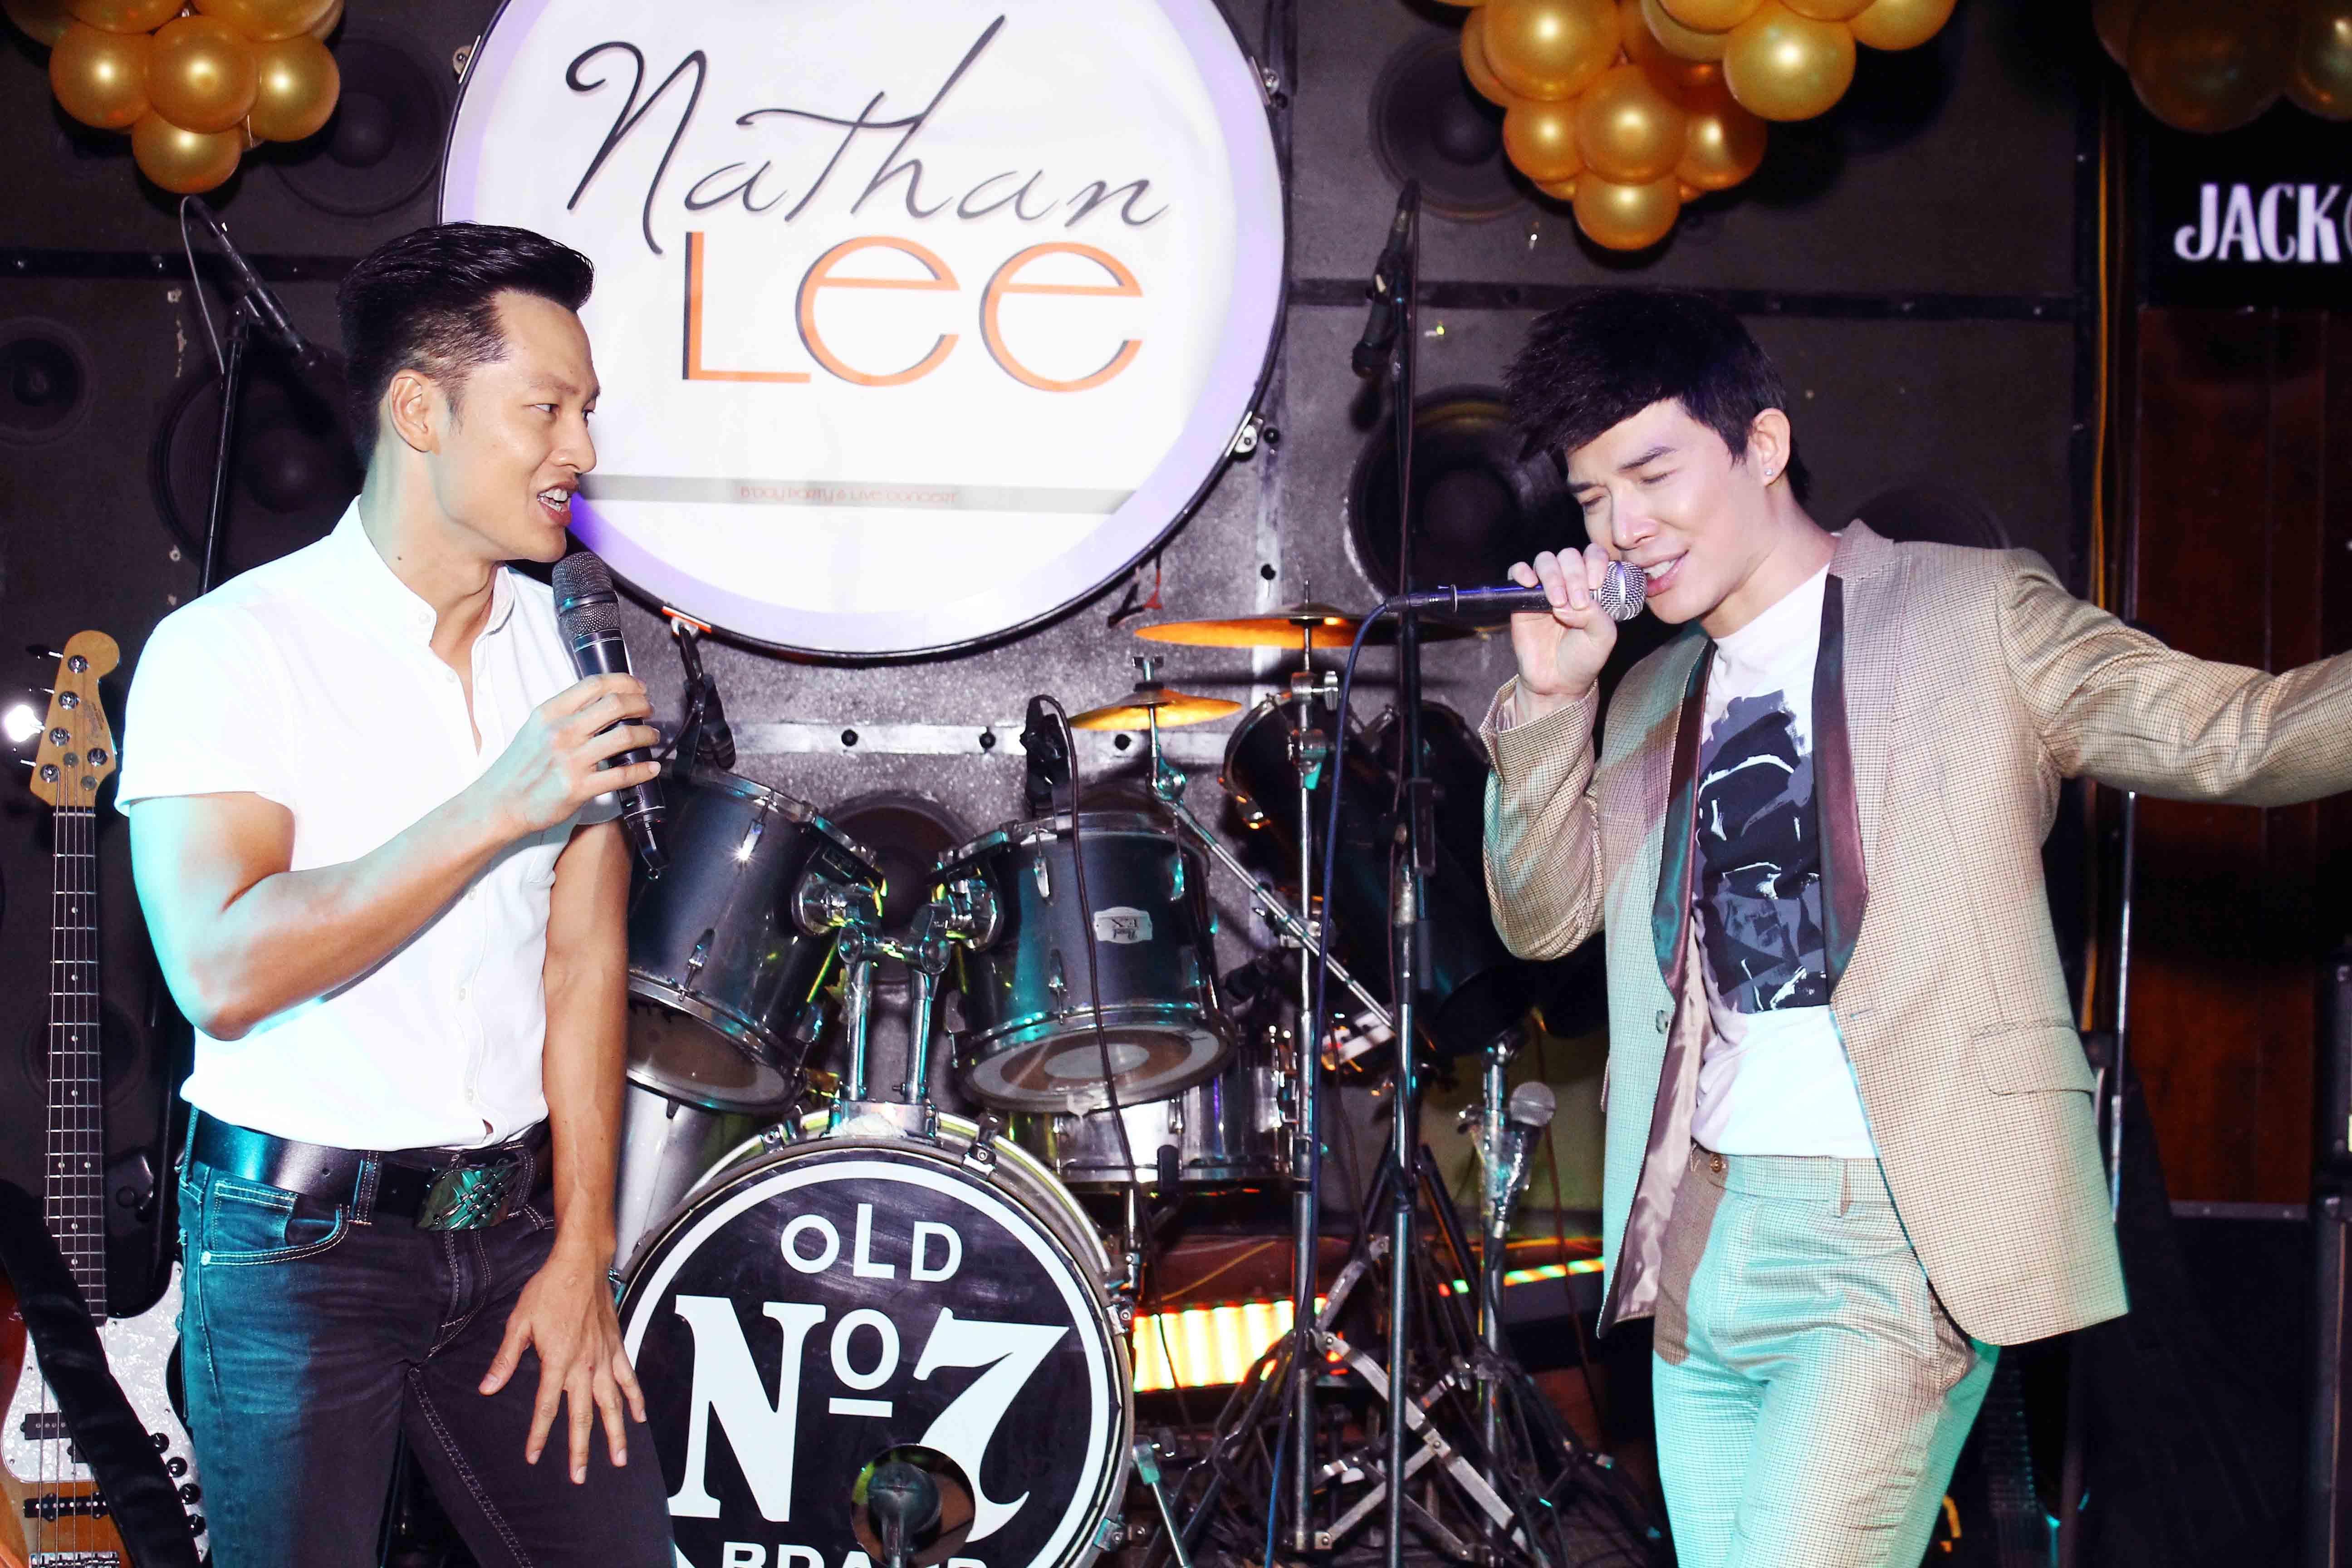 Nathan Lee bất ngờ song ca cùng mẹ trong đêm sinh nhật - Ảnh 7